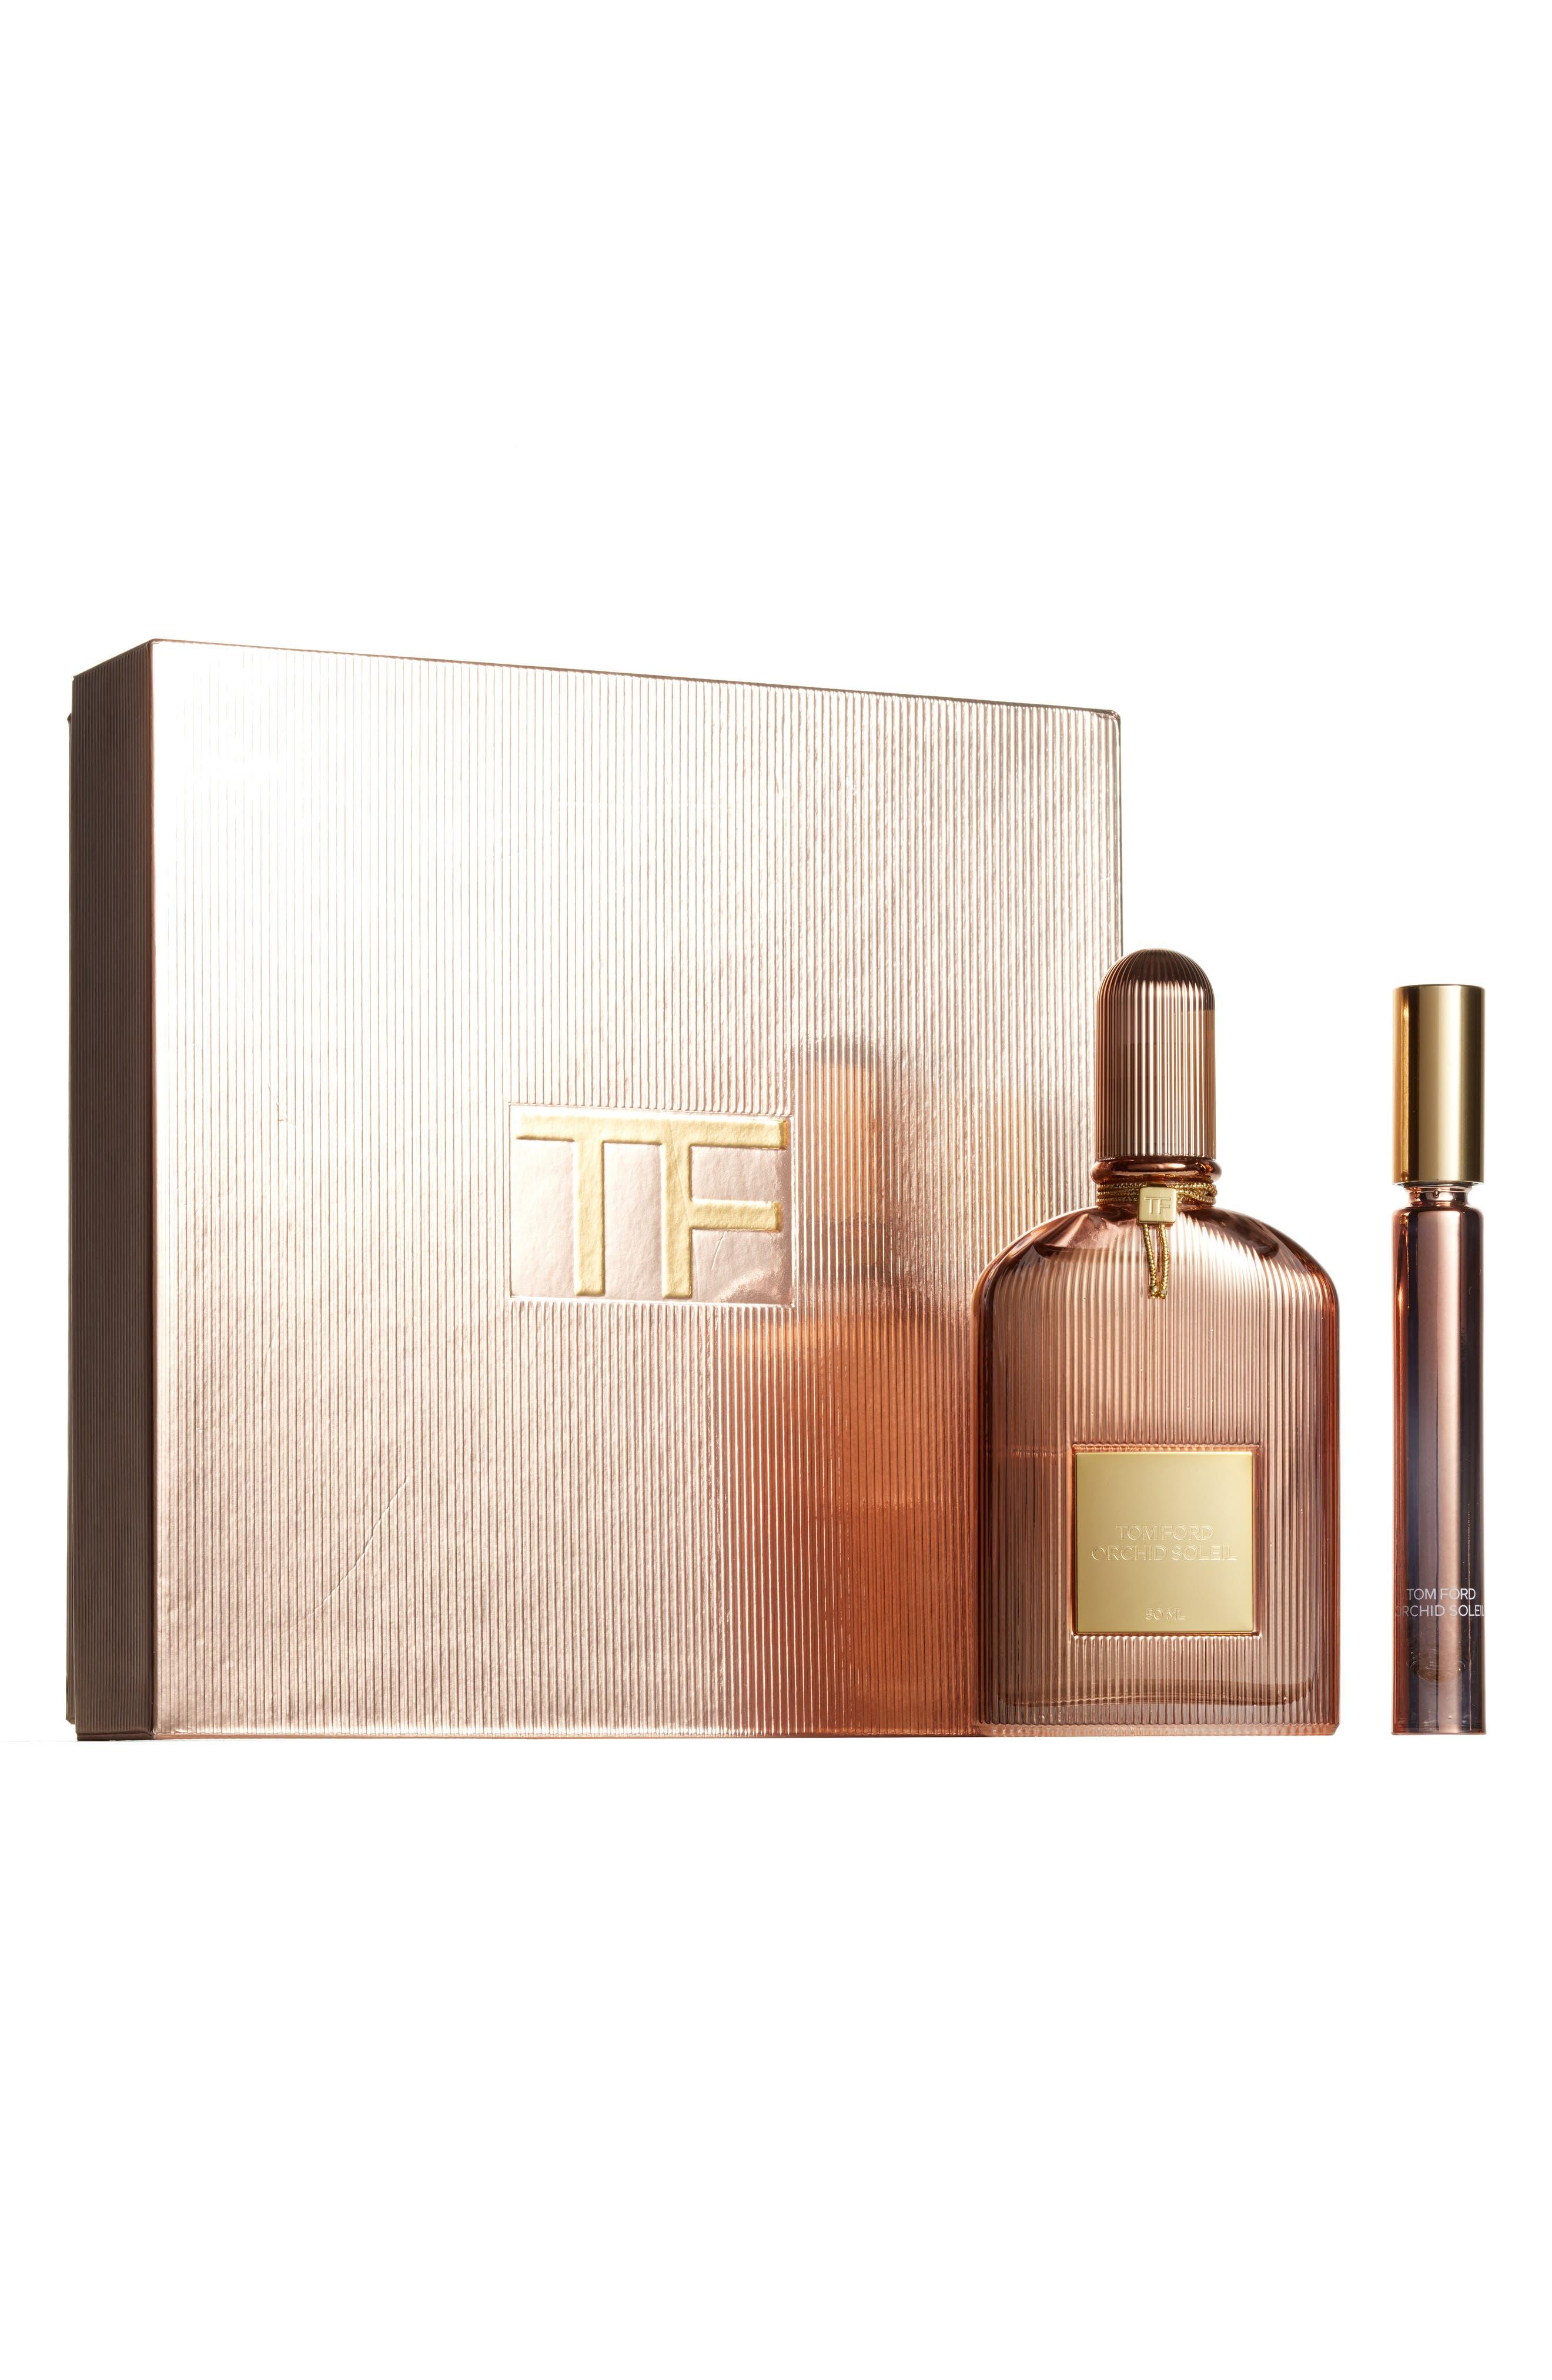 Tom Ford Orchid Soleil Eau de Parfum Set